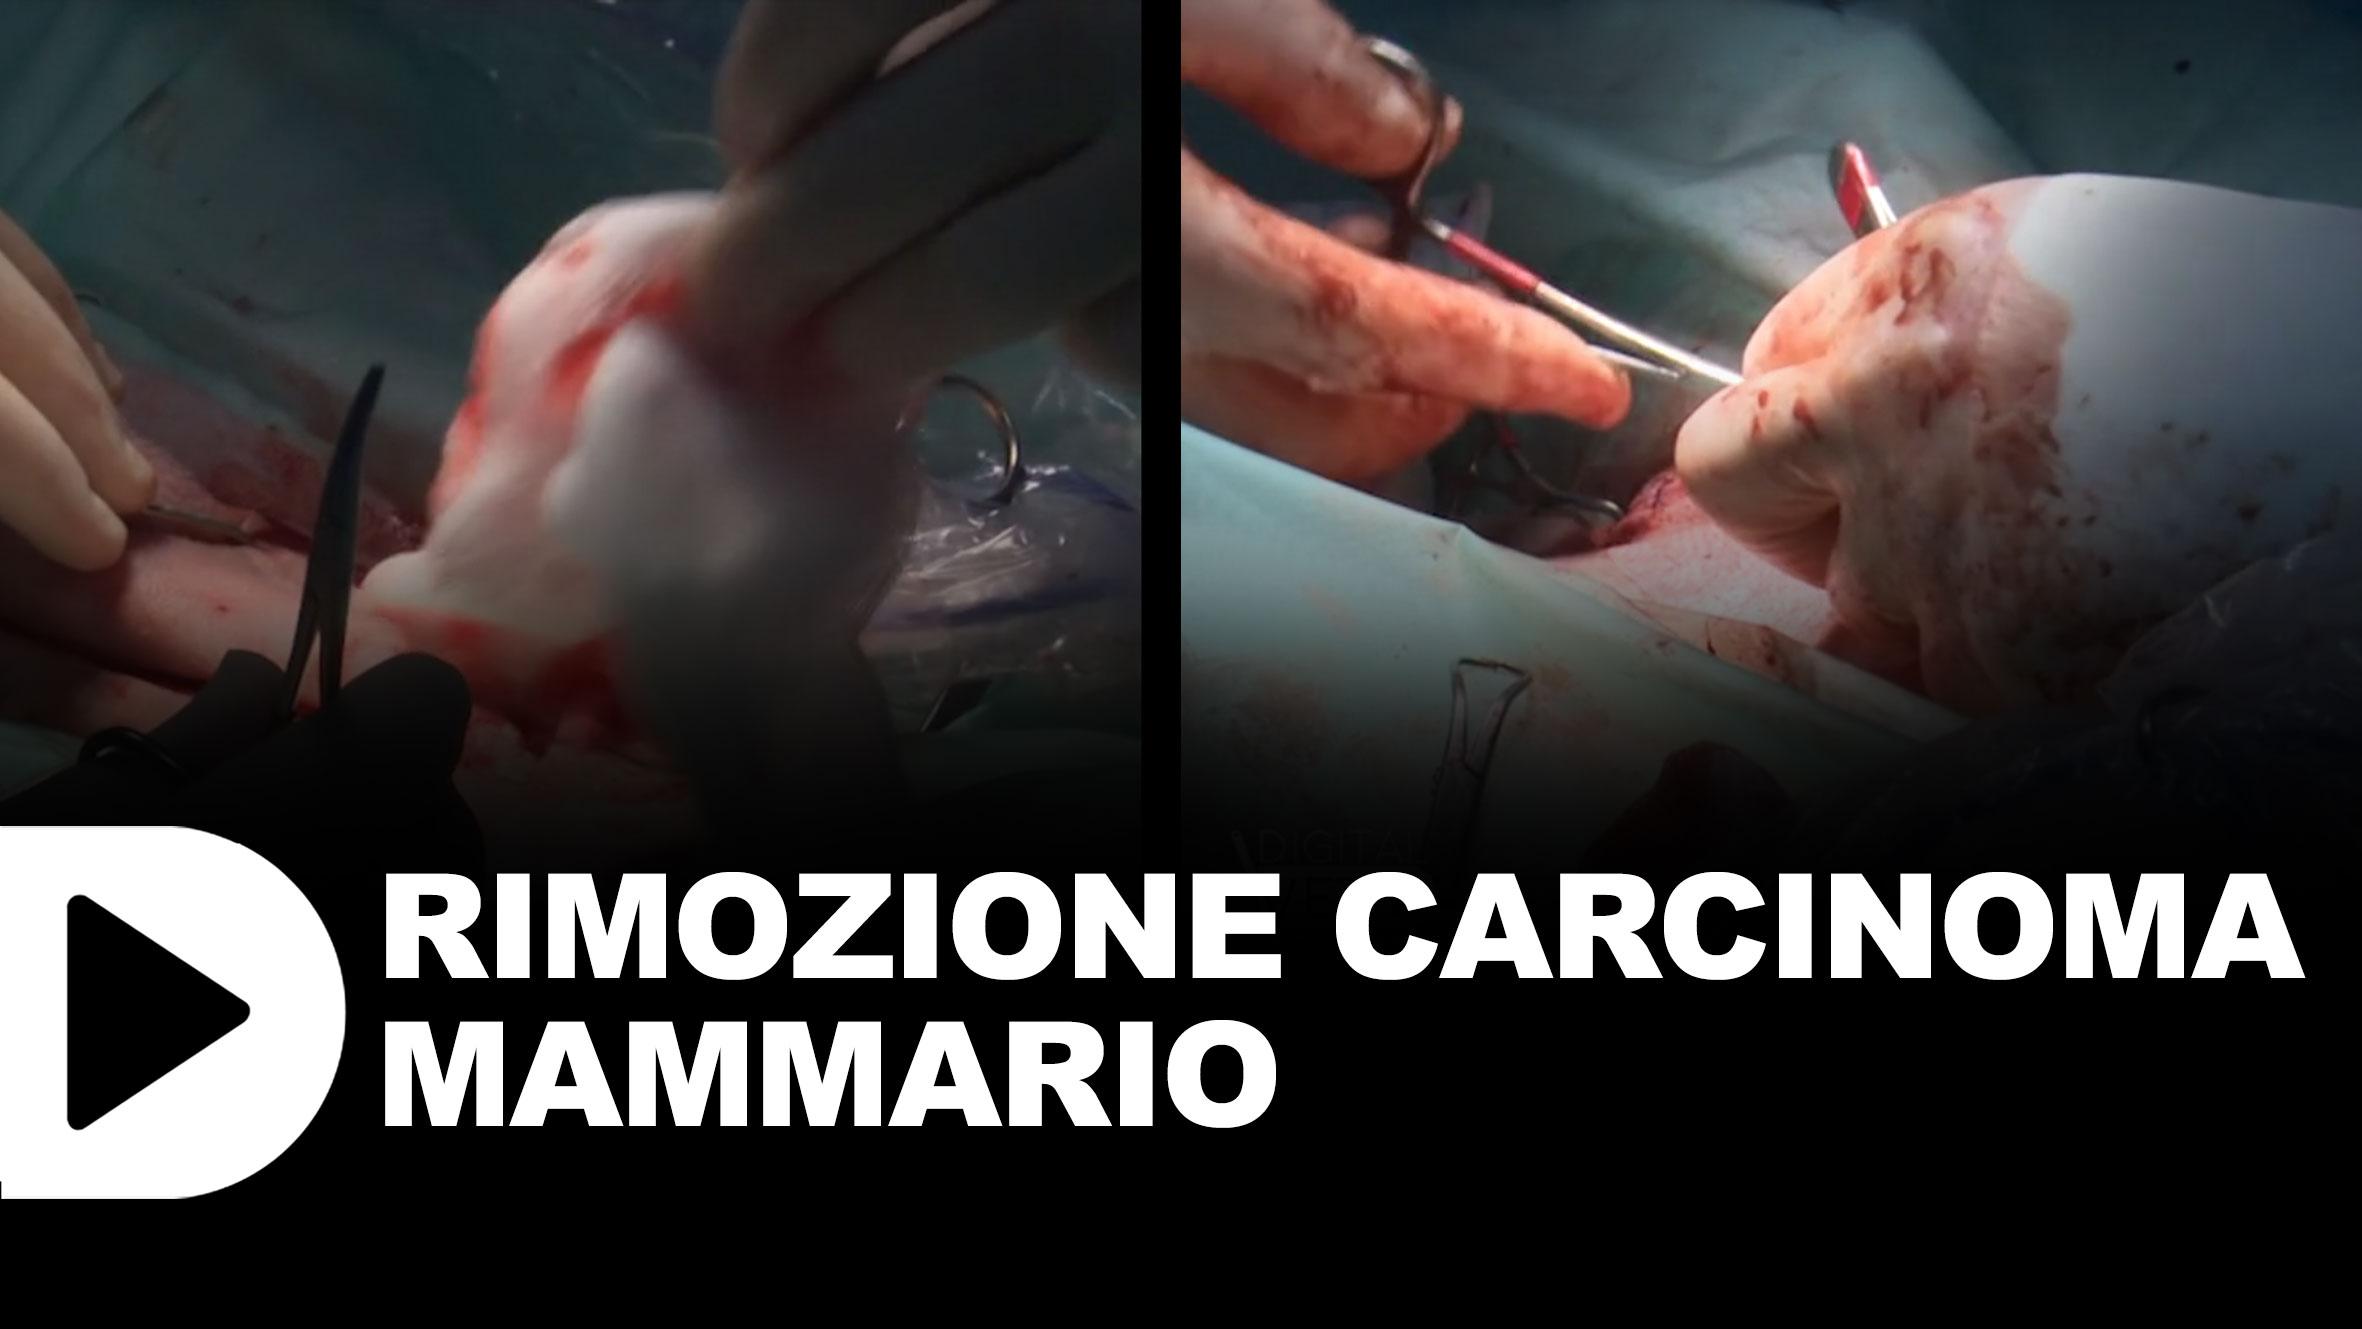 Rimozione-carcinoma-mammario